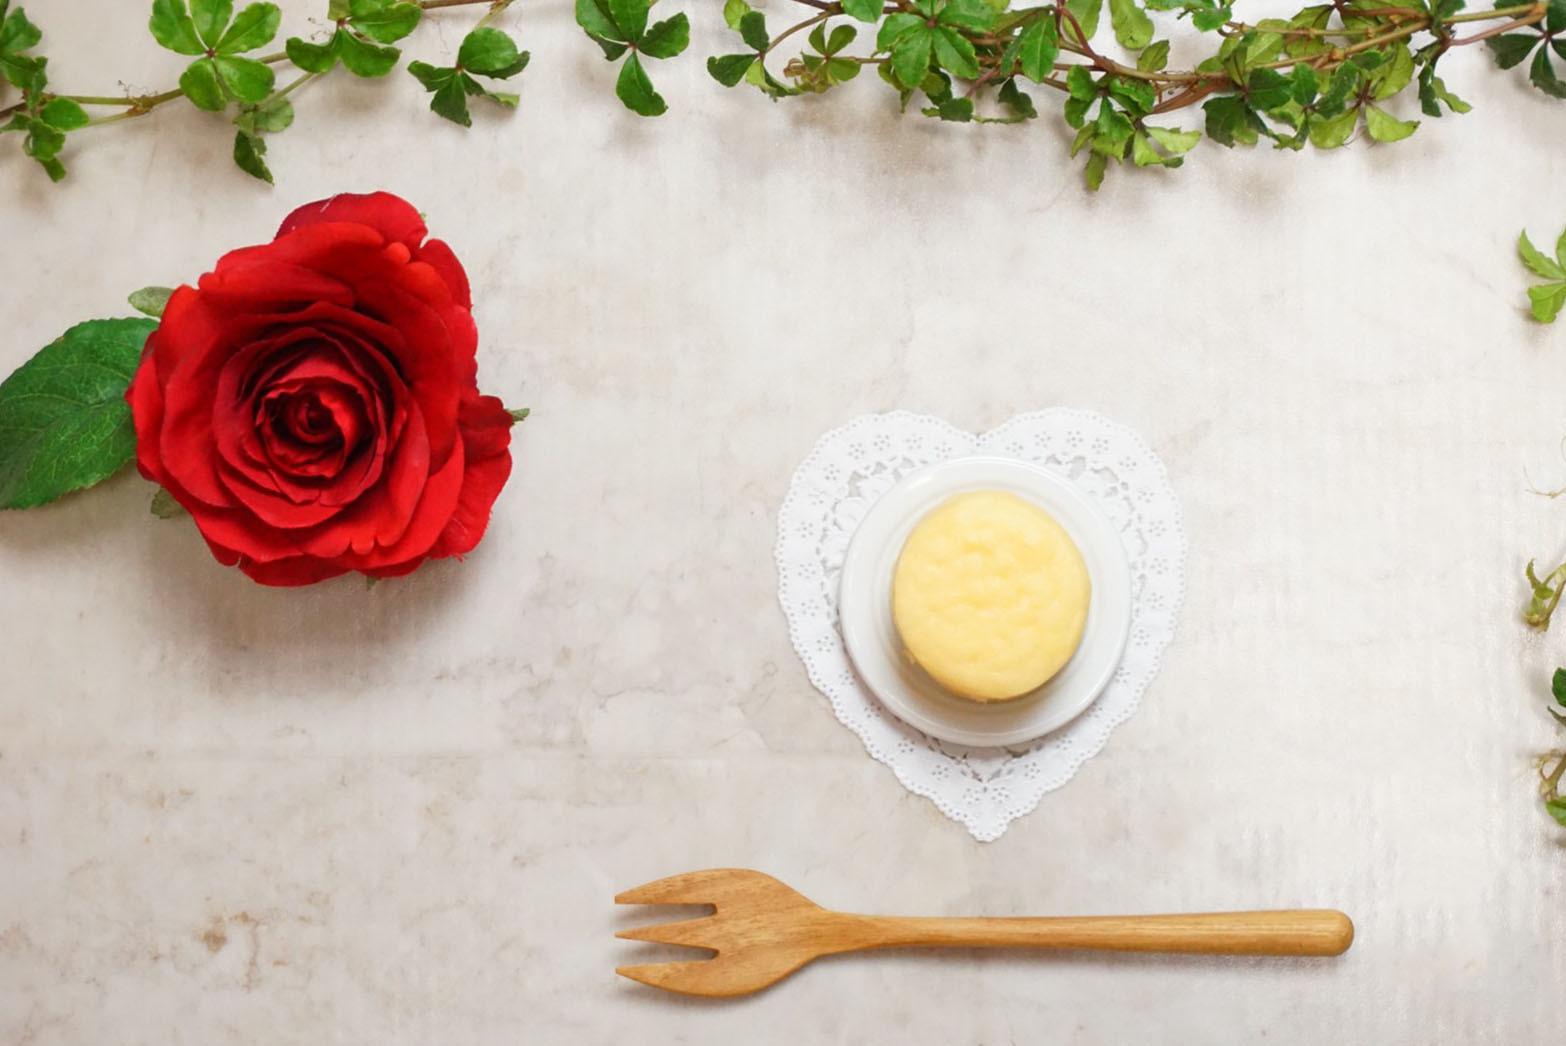 スフレチーズ 1箱(20コ入り) - Soufflé Cheesecake(20 pieces)